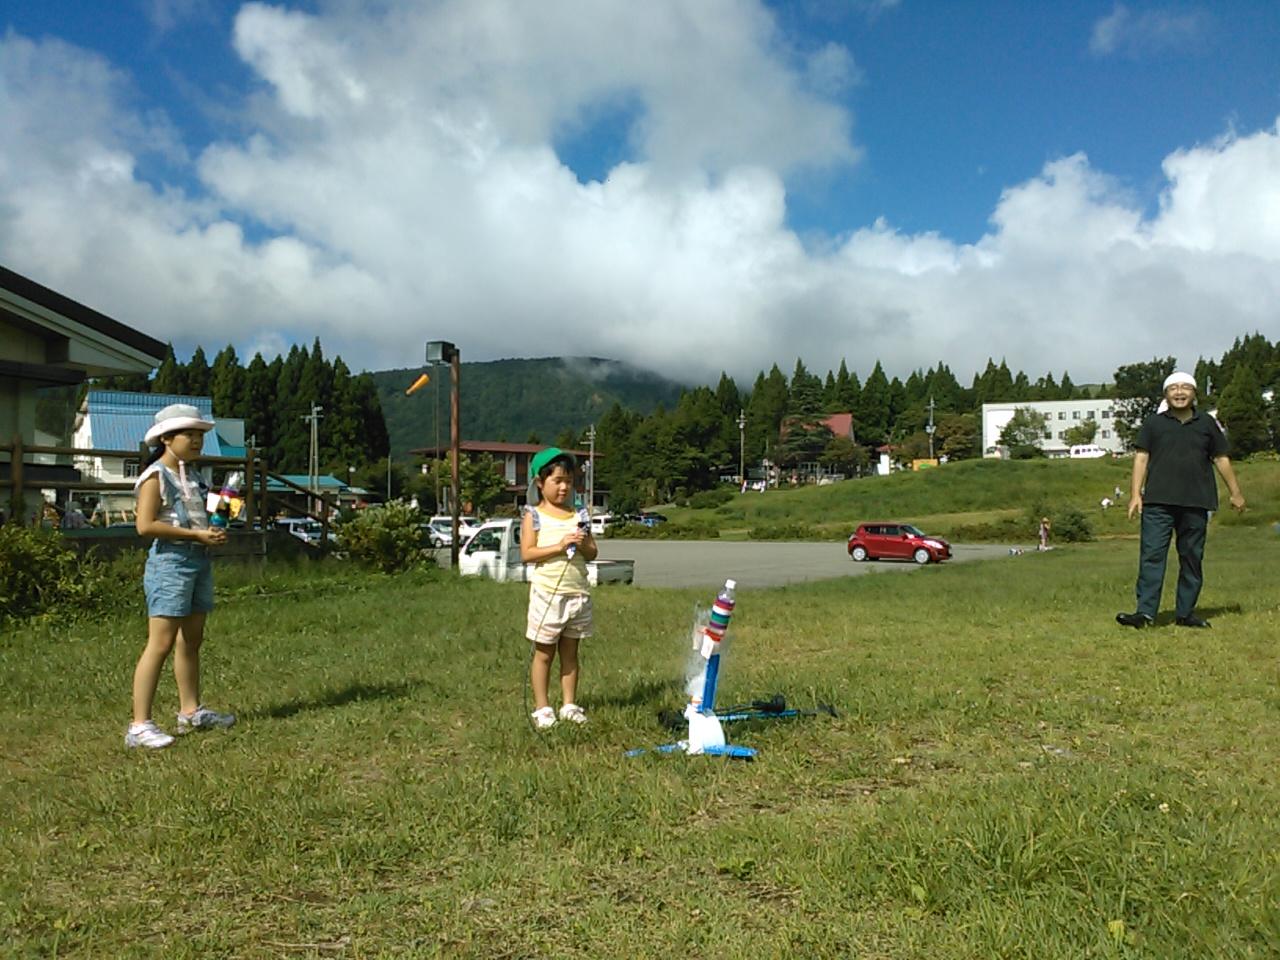 キャンプ二日目・ペットボトルロケット1